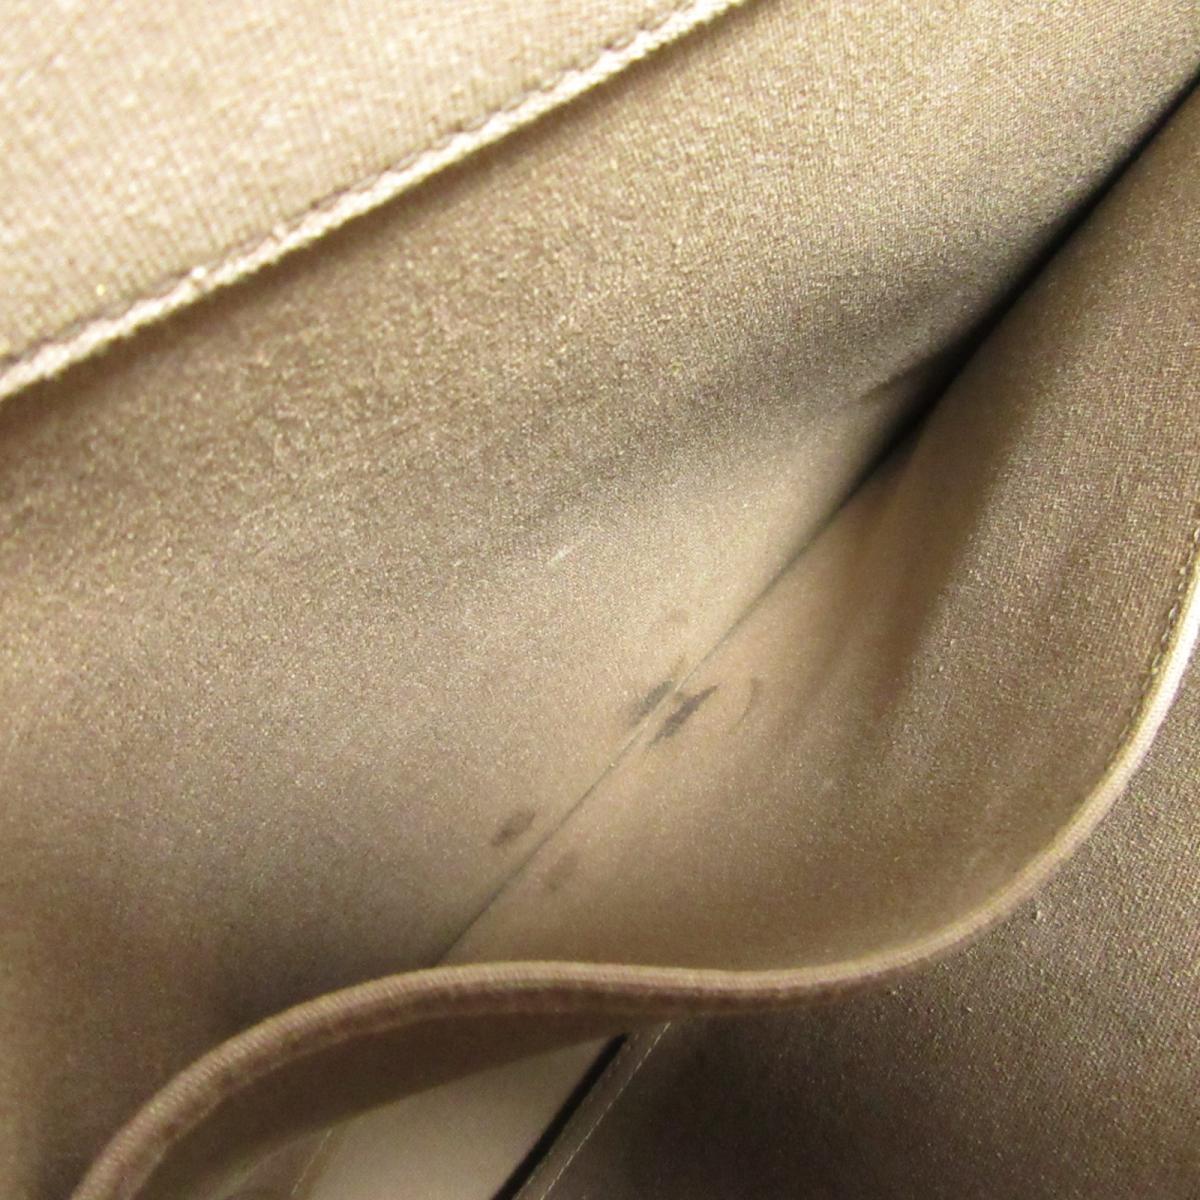 エルメス カバック 2way ショルダーバッグ バッグ レディース キャンバス レザー グレー ブラウン金具 シルバー354ARcjLq